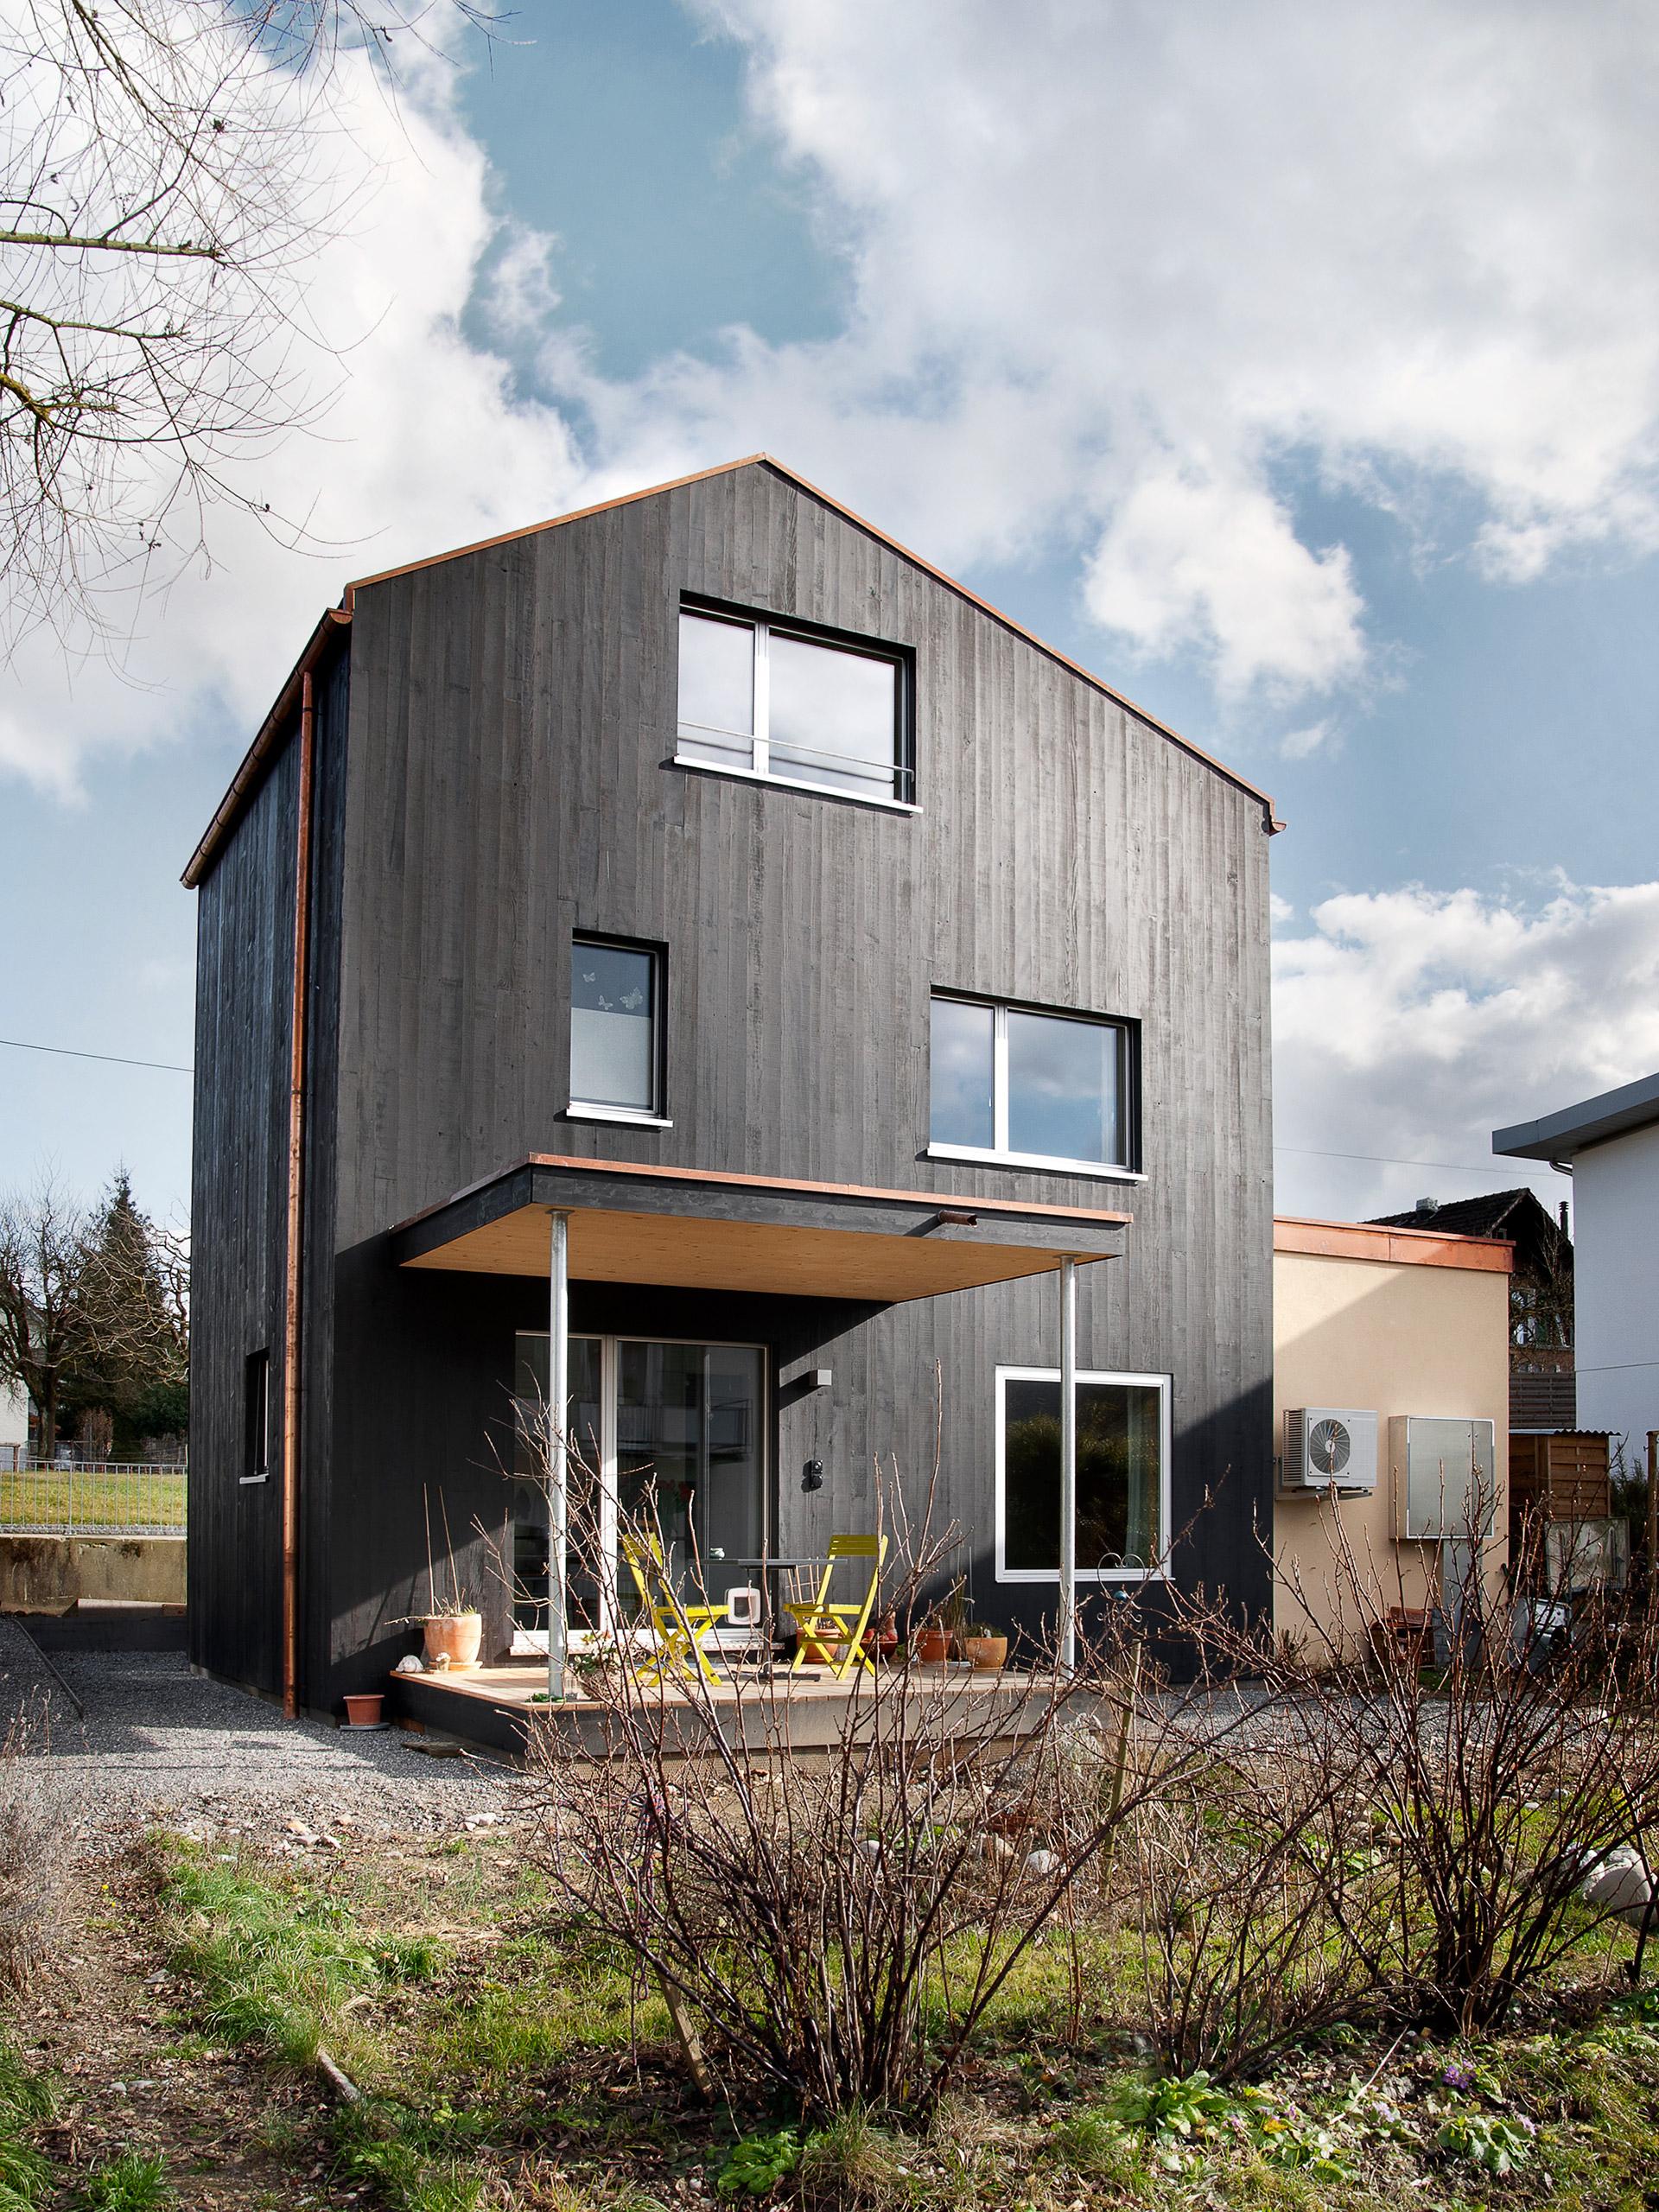 schaerholzbau ag | 12.0208 Drei Geschosse, drei Zimmer, ein Haus ...